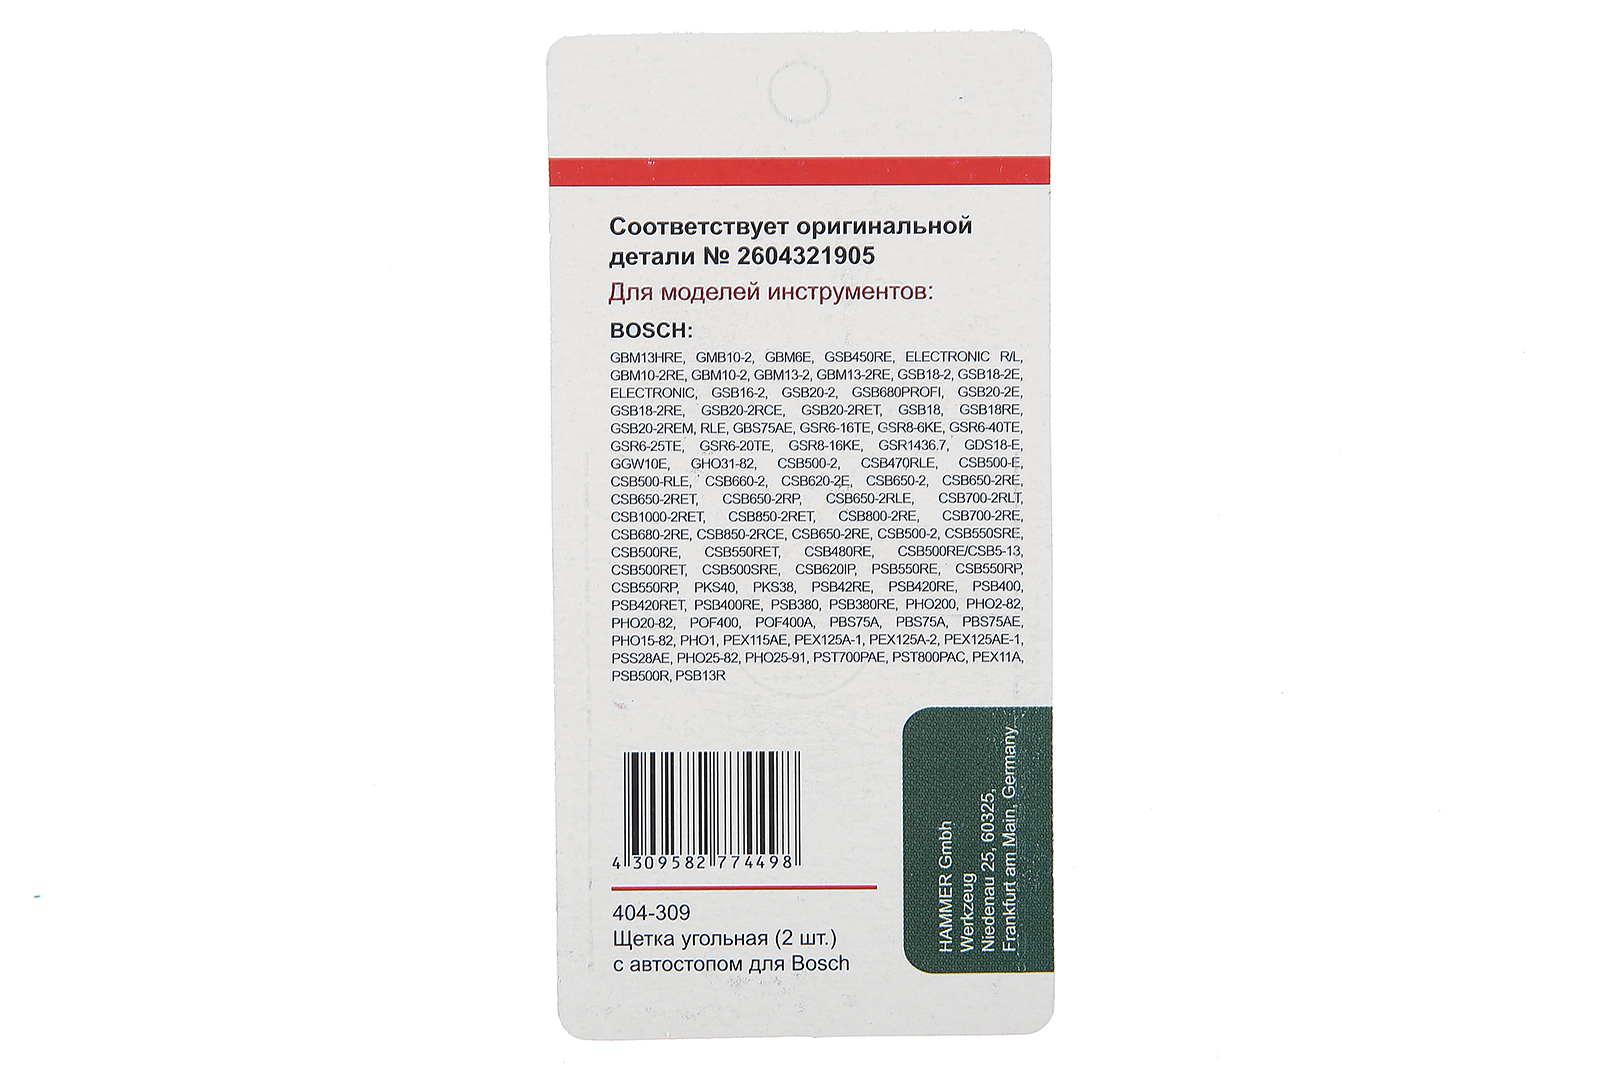 Щетки угольные для инструмента Bosch 404-309 Аutostop (2 шт.)